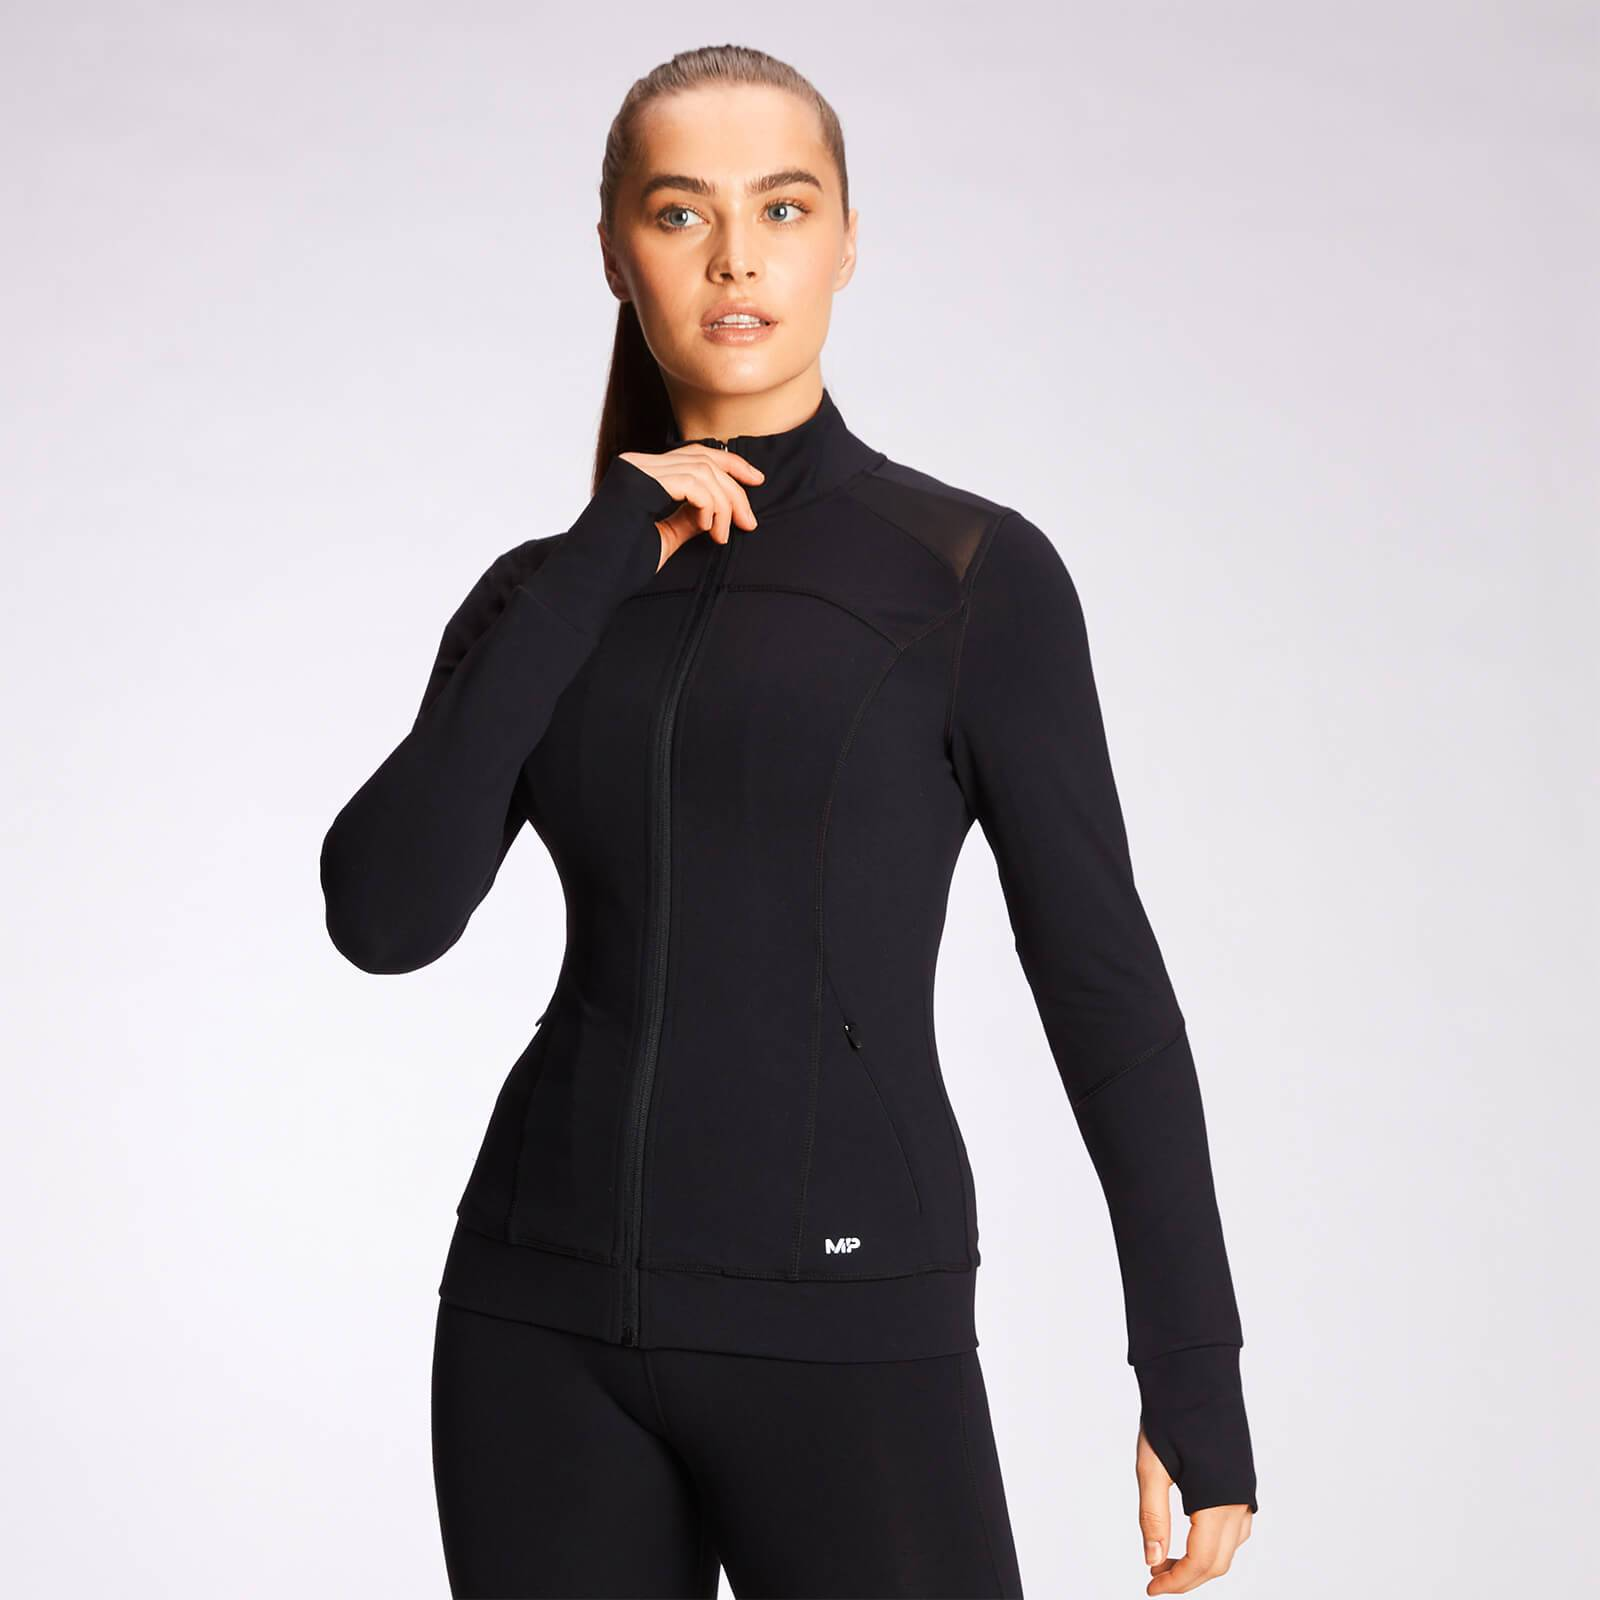 Mp Power Mesh Jacket Til Kvinder - Sort - L